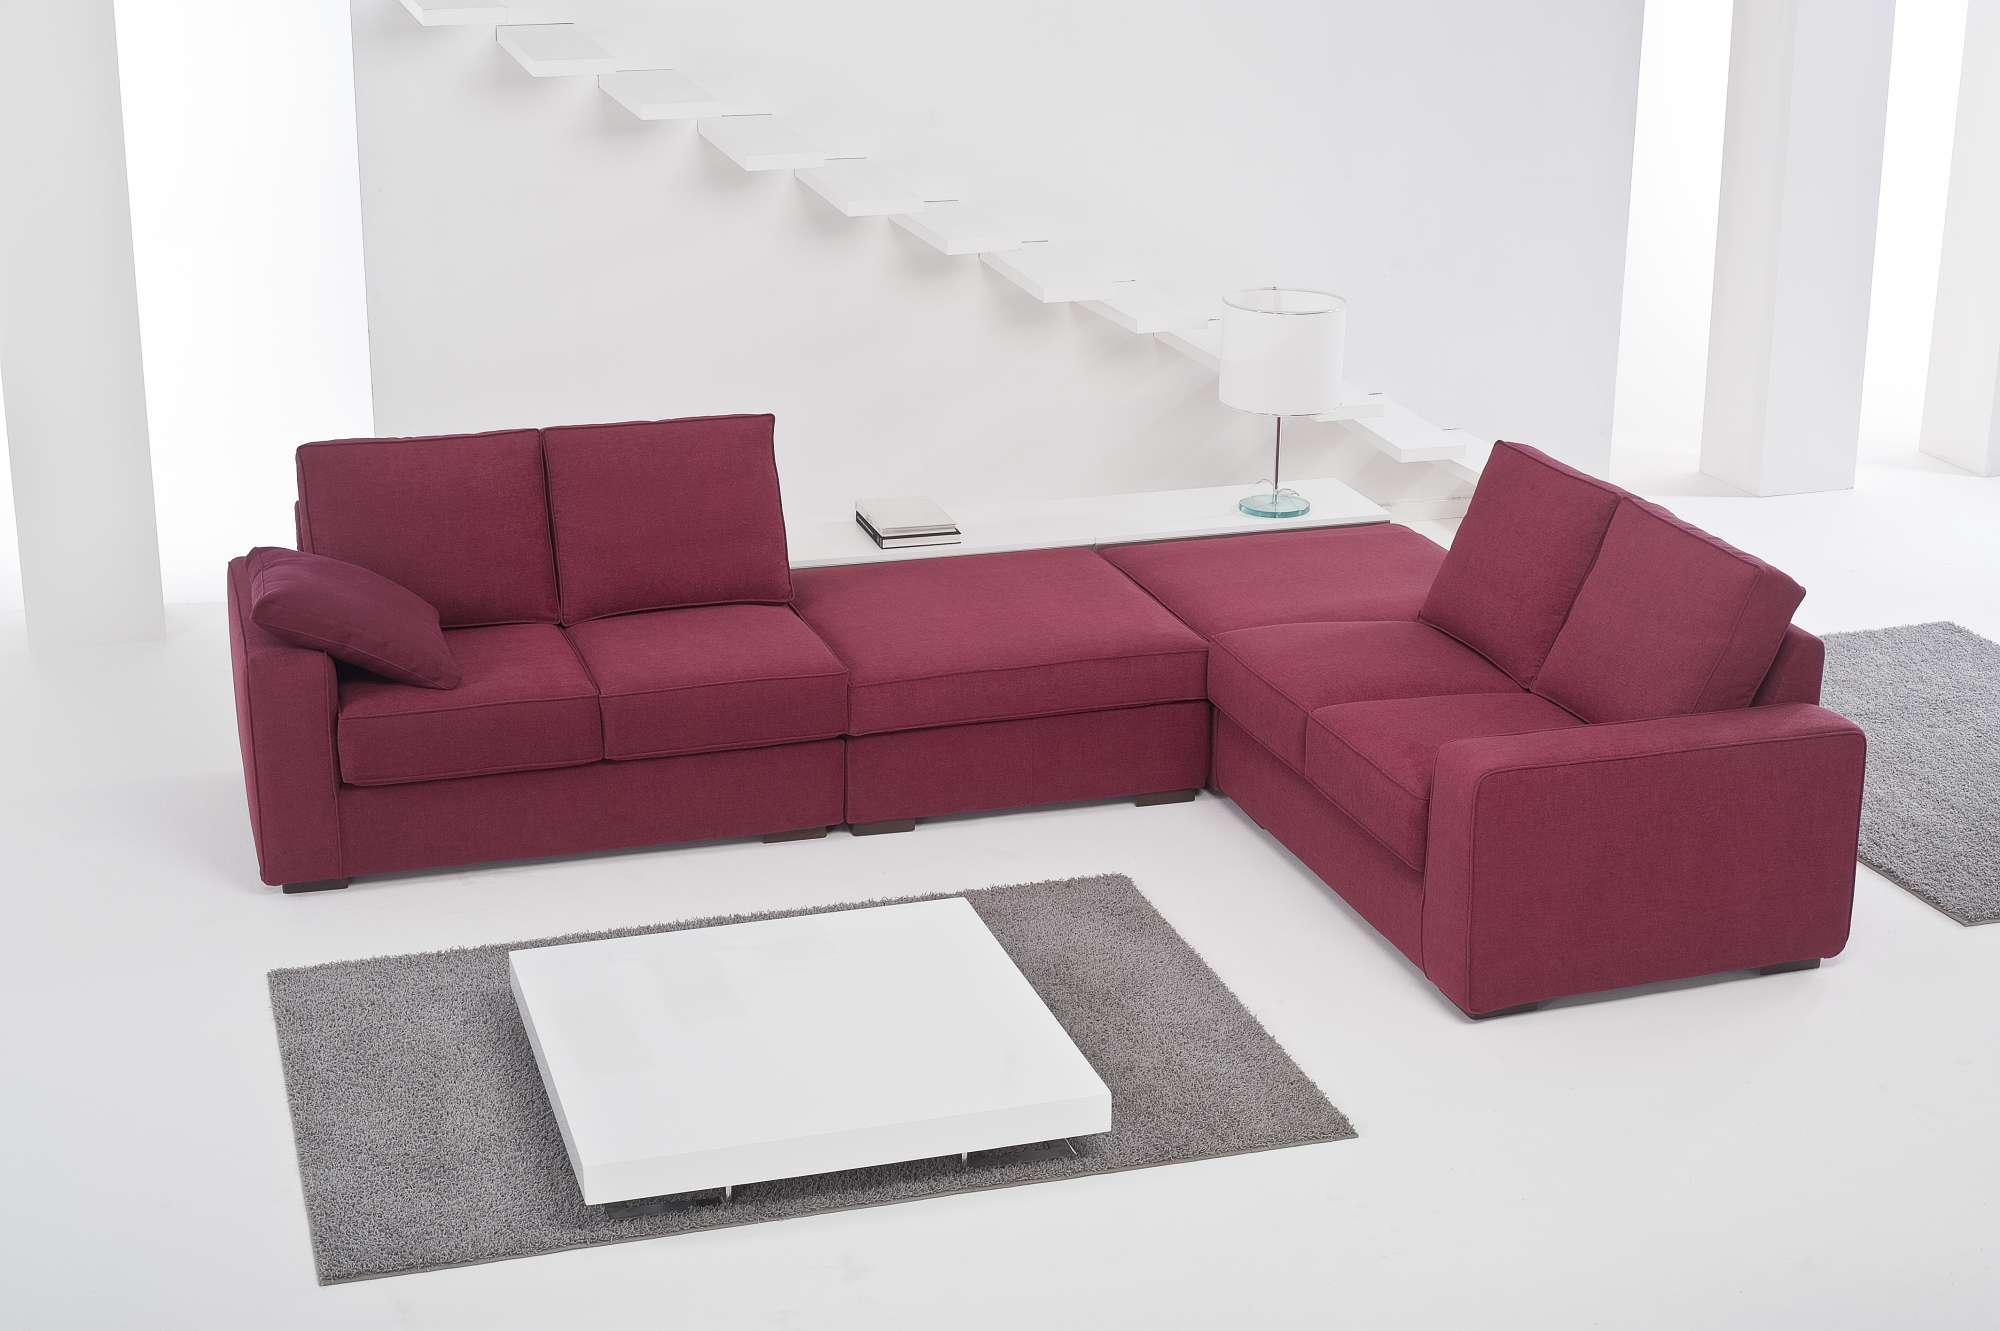 Village divani letto componibili collezione intramontabili for Divani divani letto